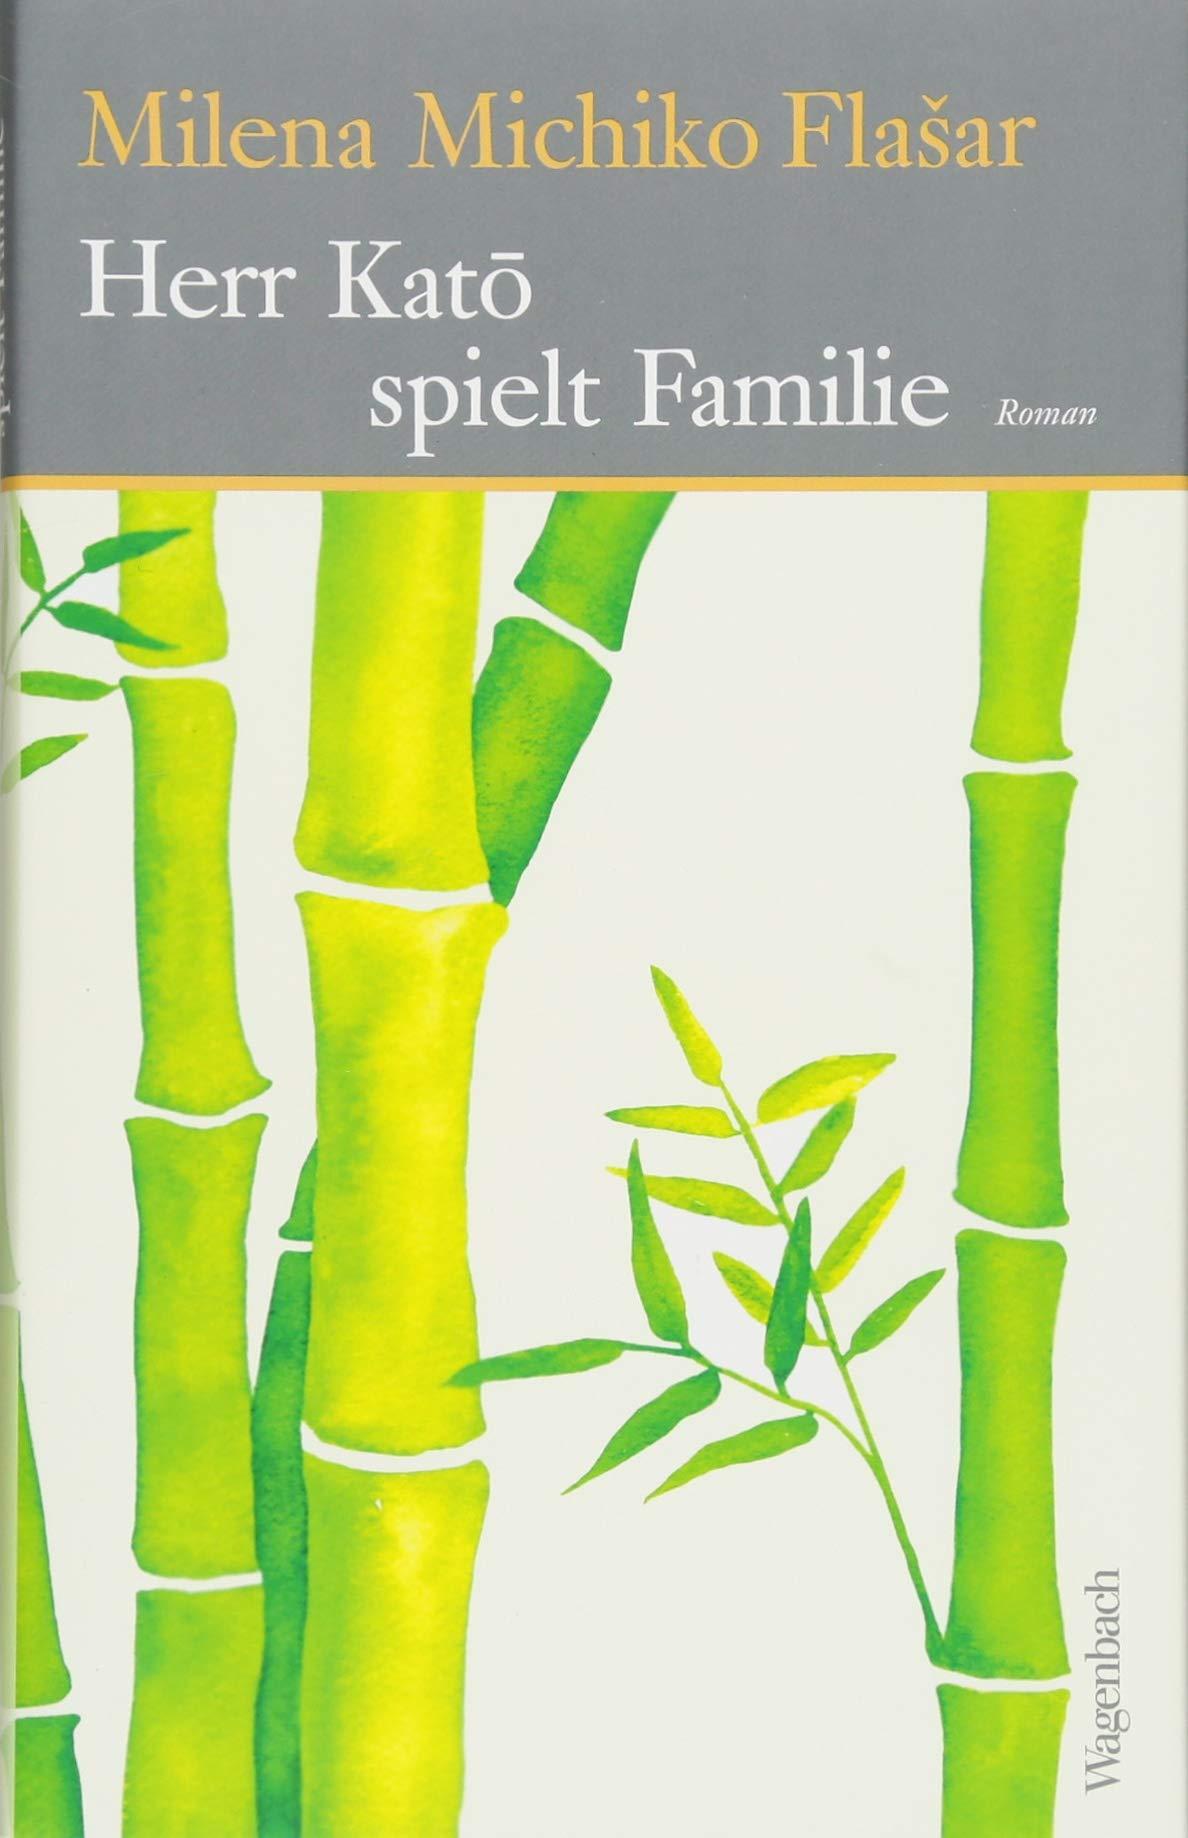 Herr Kato spielt Familie (Quartbuch)